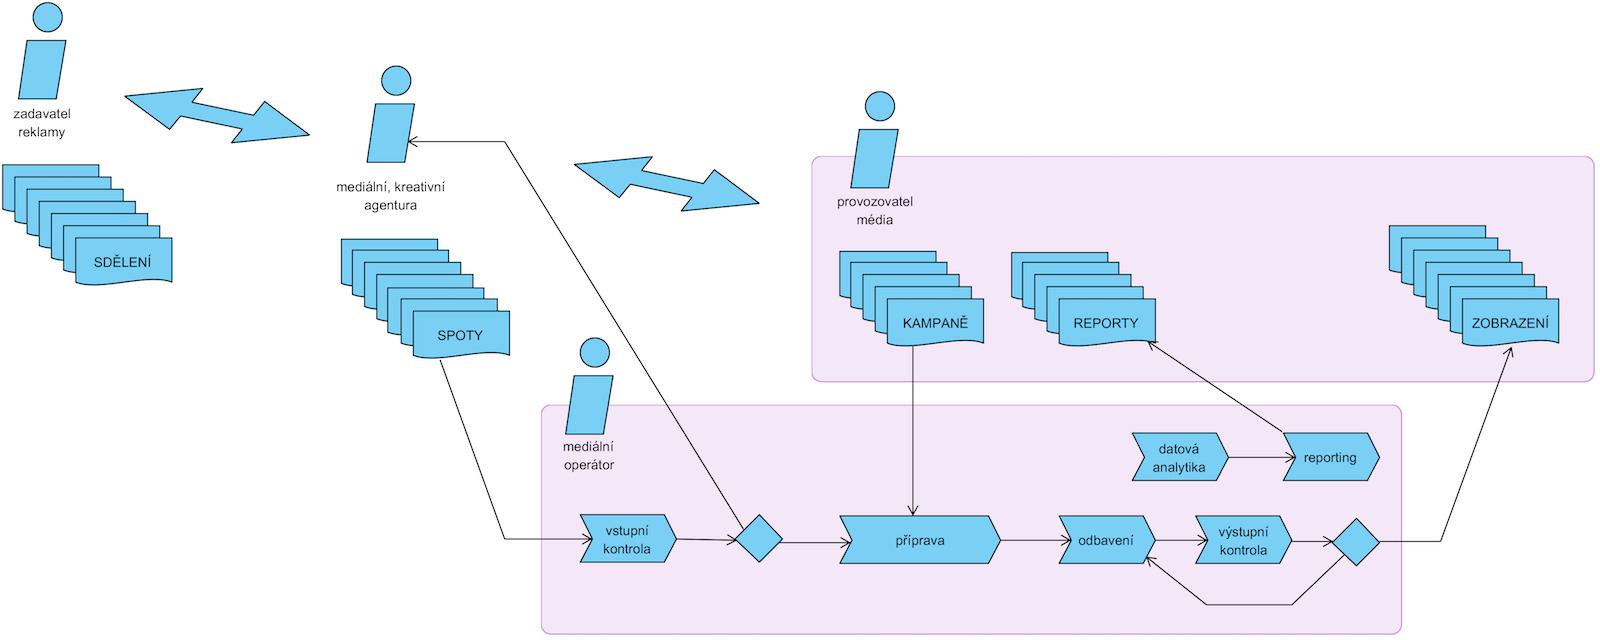 Základní proces v grafu